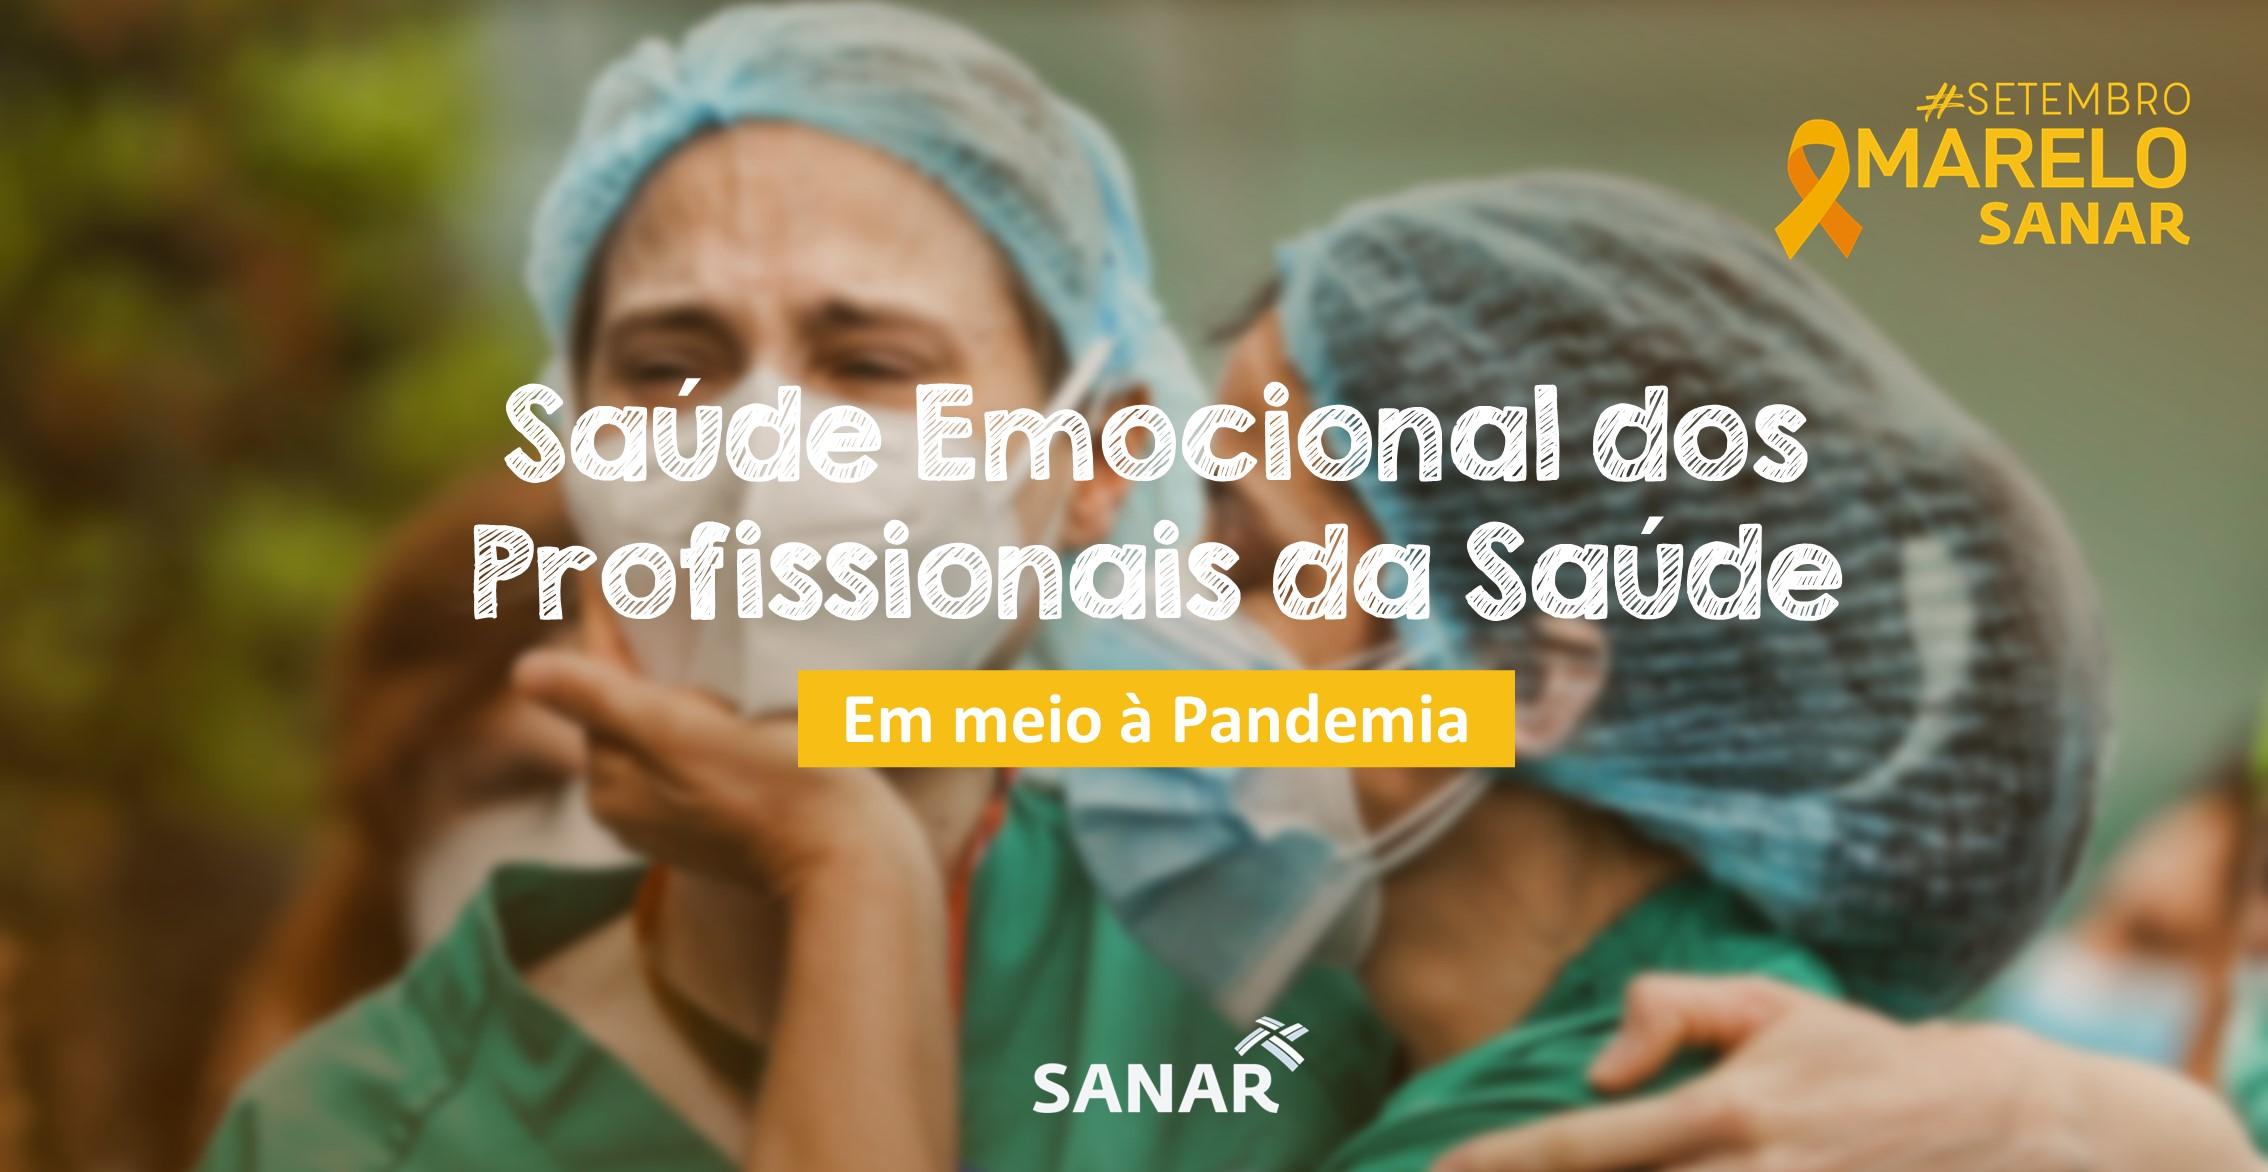 Saúde Emocional dos Profissionais da Saúde em meio à Pandemia | Setembro Amarelo